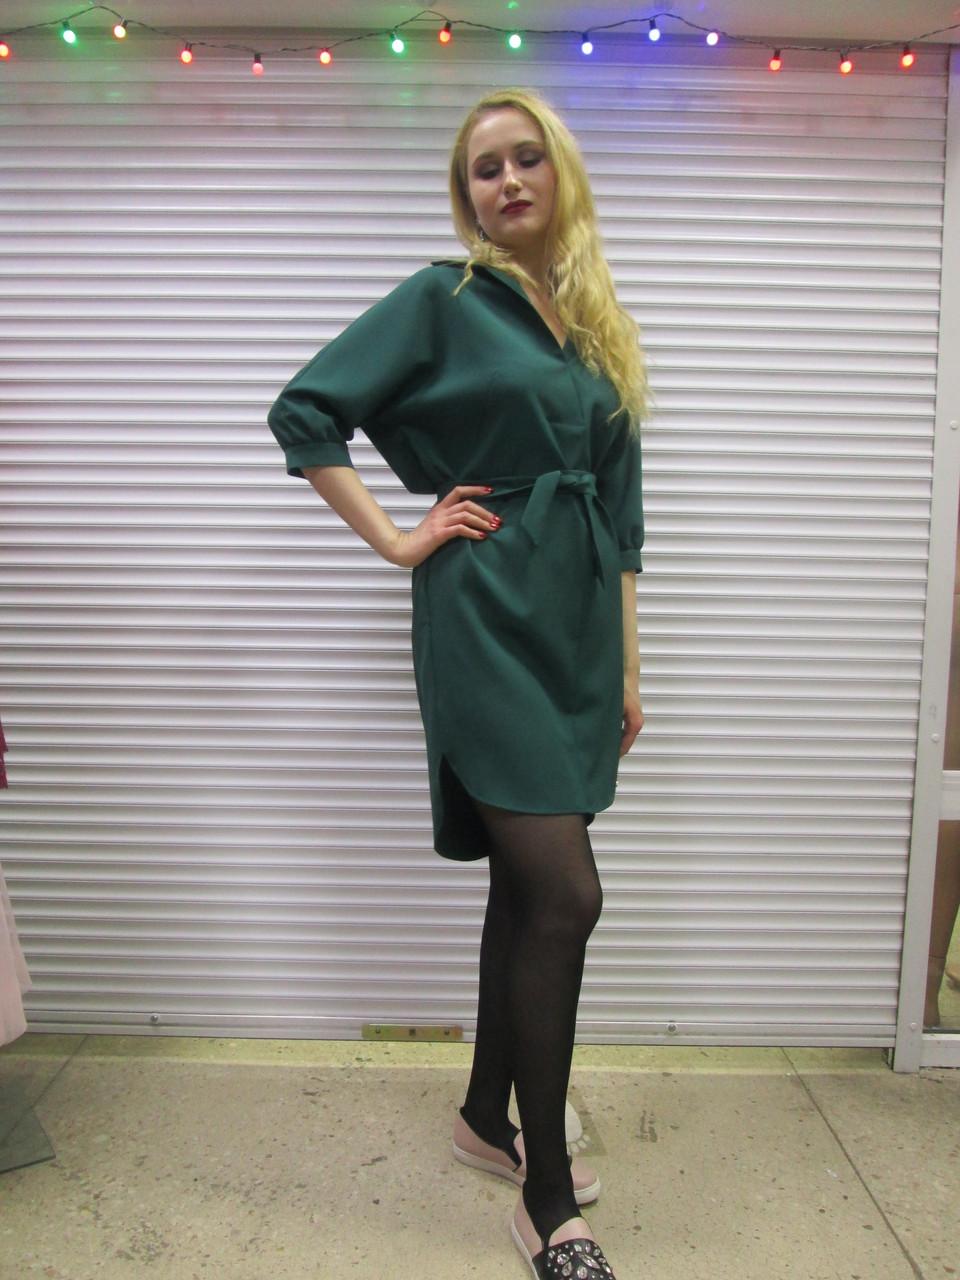 0b492edfb82 Женское Платье-рубашка Под Пояс Темно-зеленого Цвета Р 42 (+6 ...